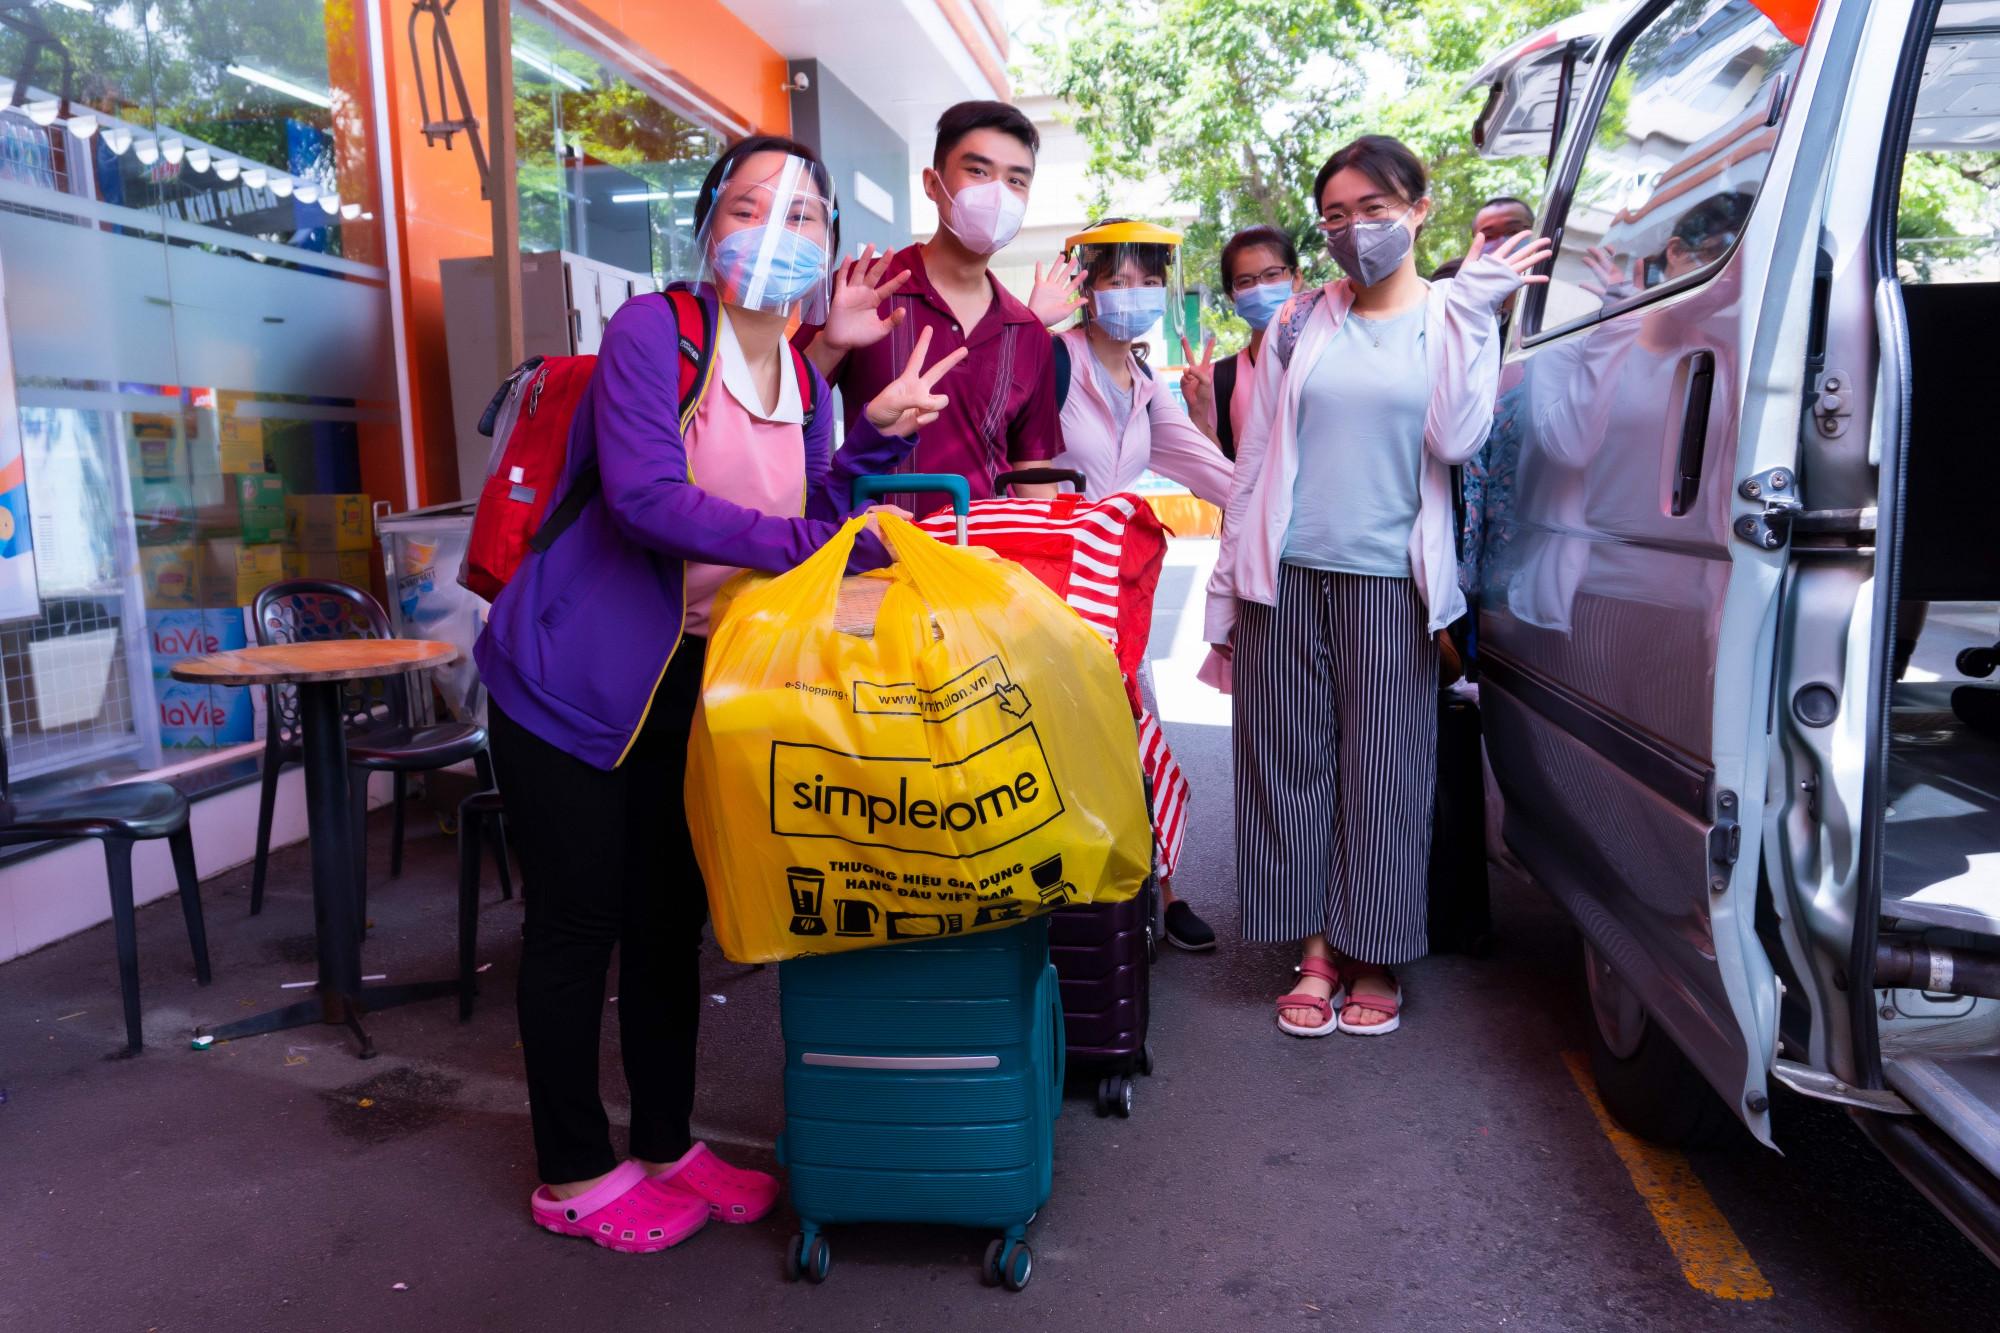 Các y, bác sĩ của Bệnh viện Hùng Vương lên đường đến Bệnh viện Thu dung điều trị COVID-19 số 16